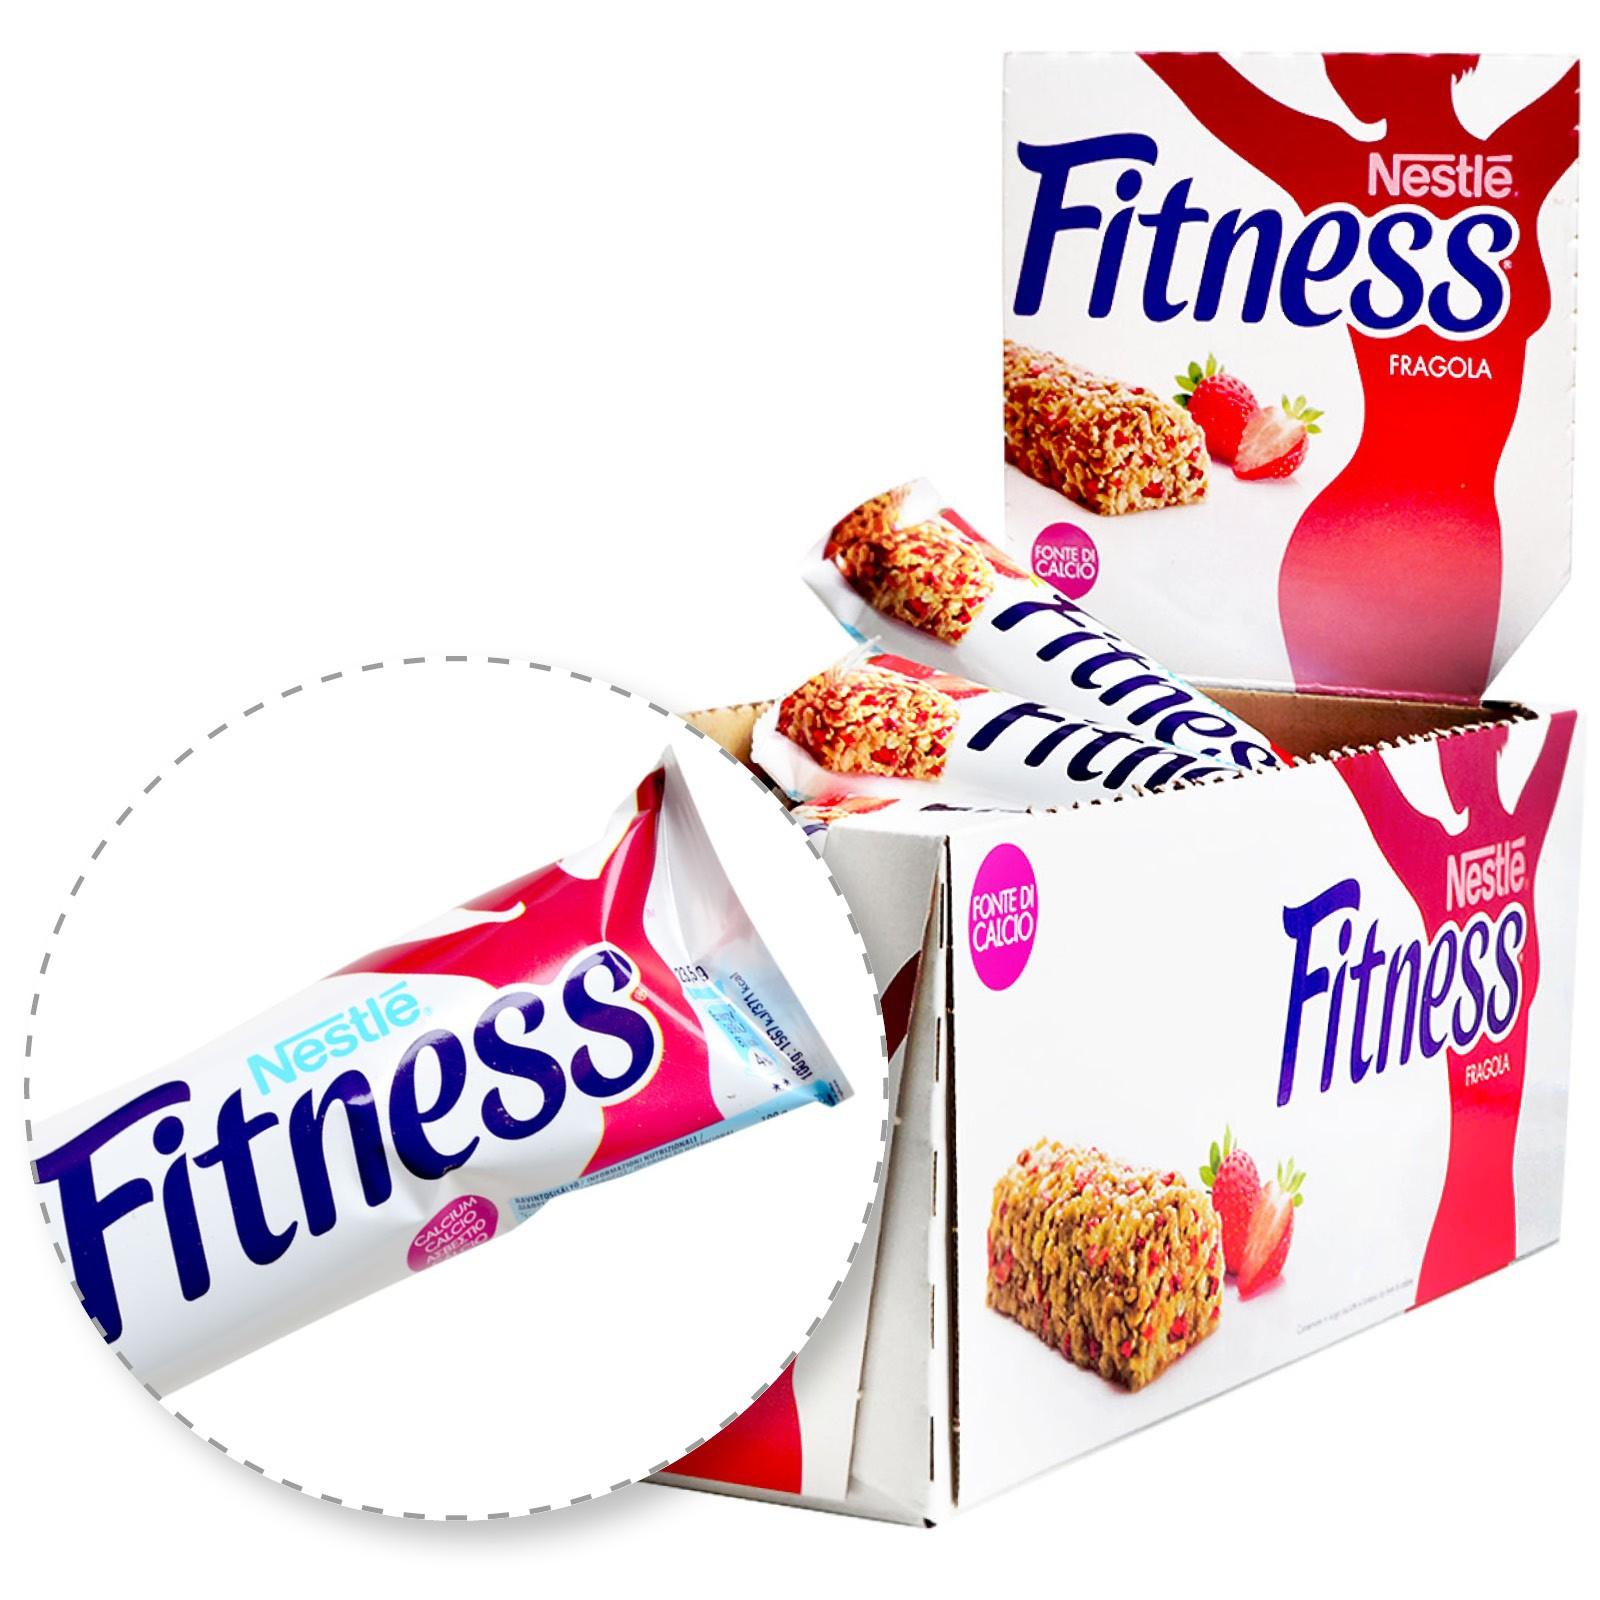 fitness-fragola (1)